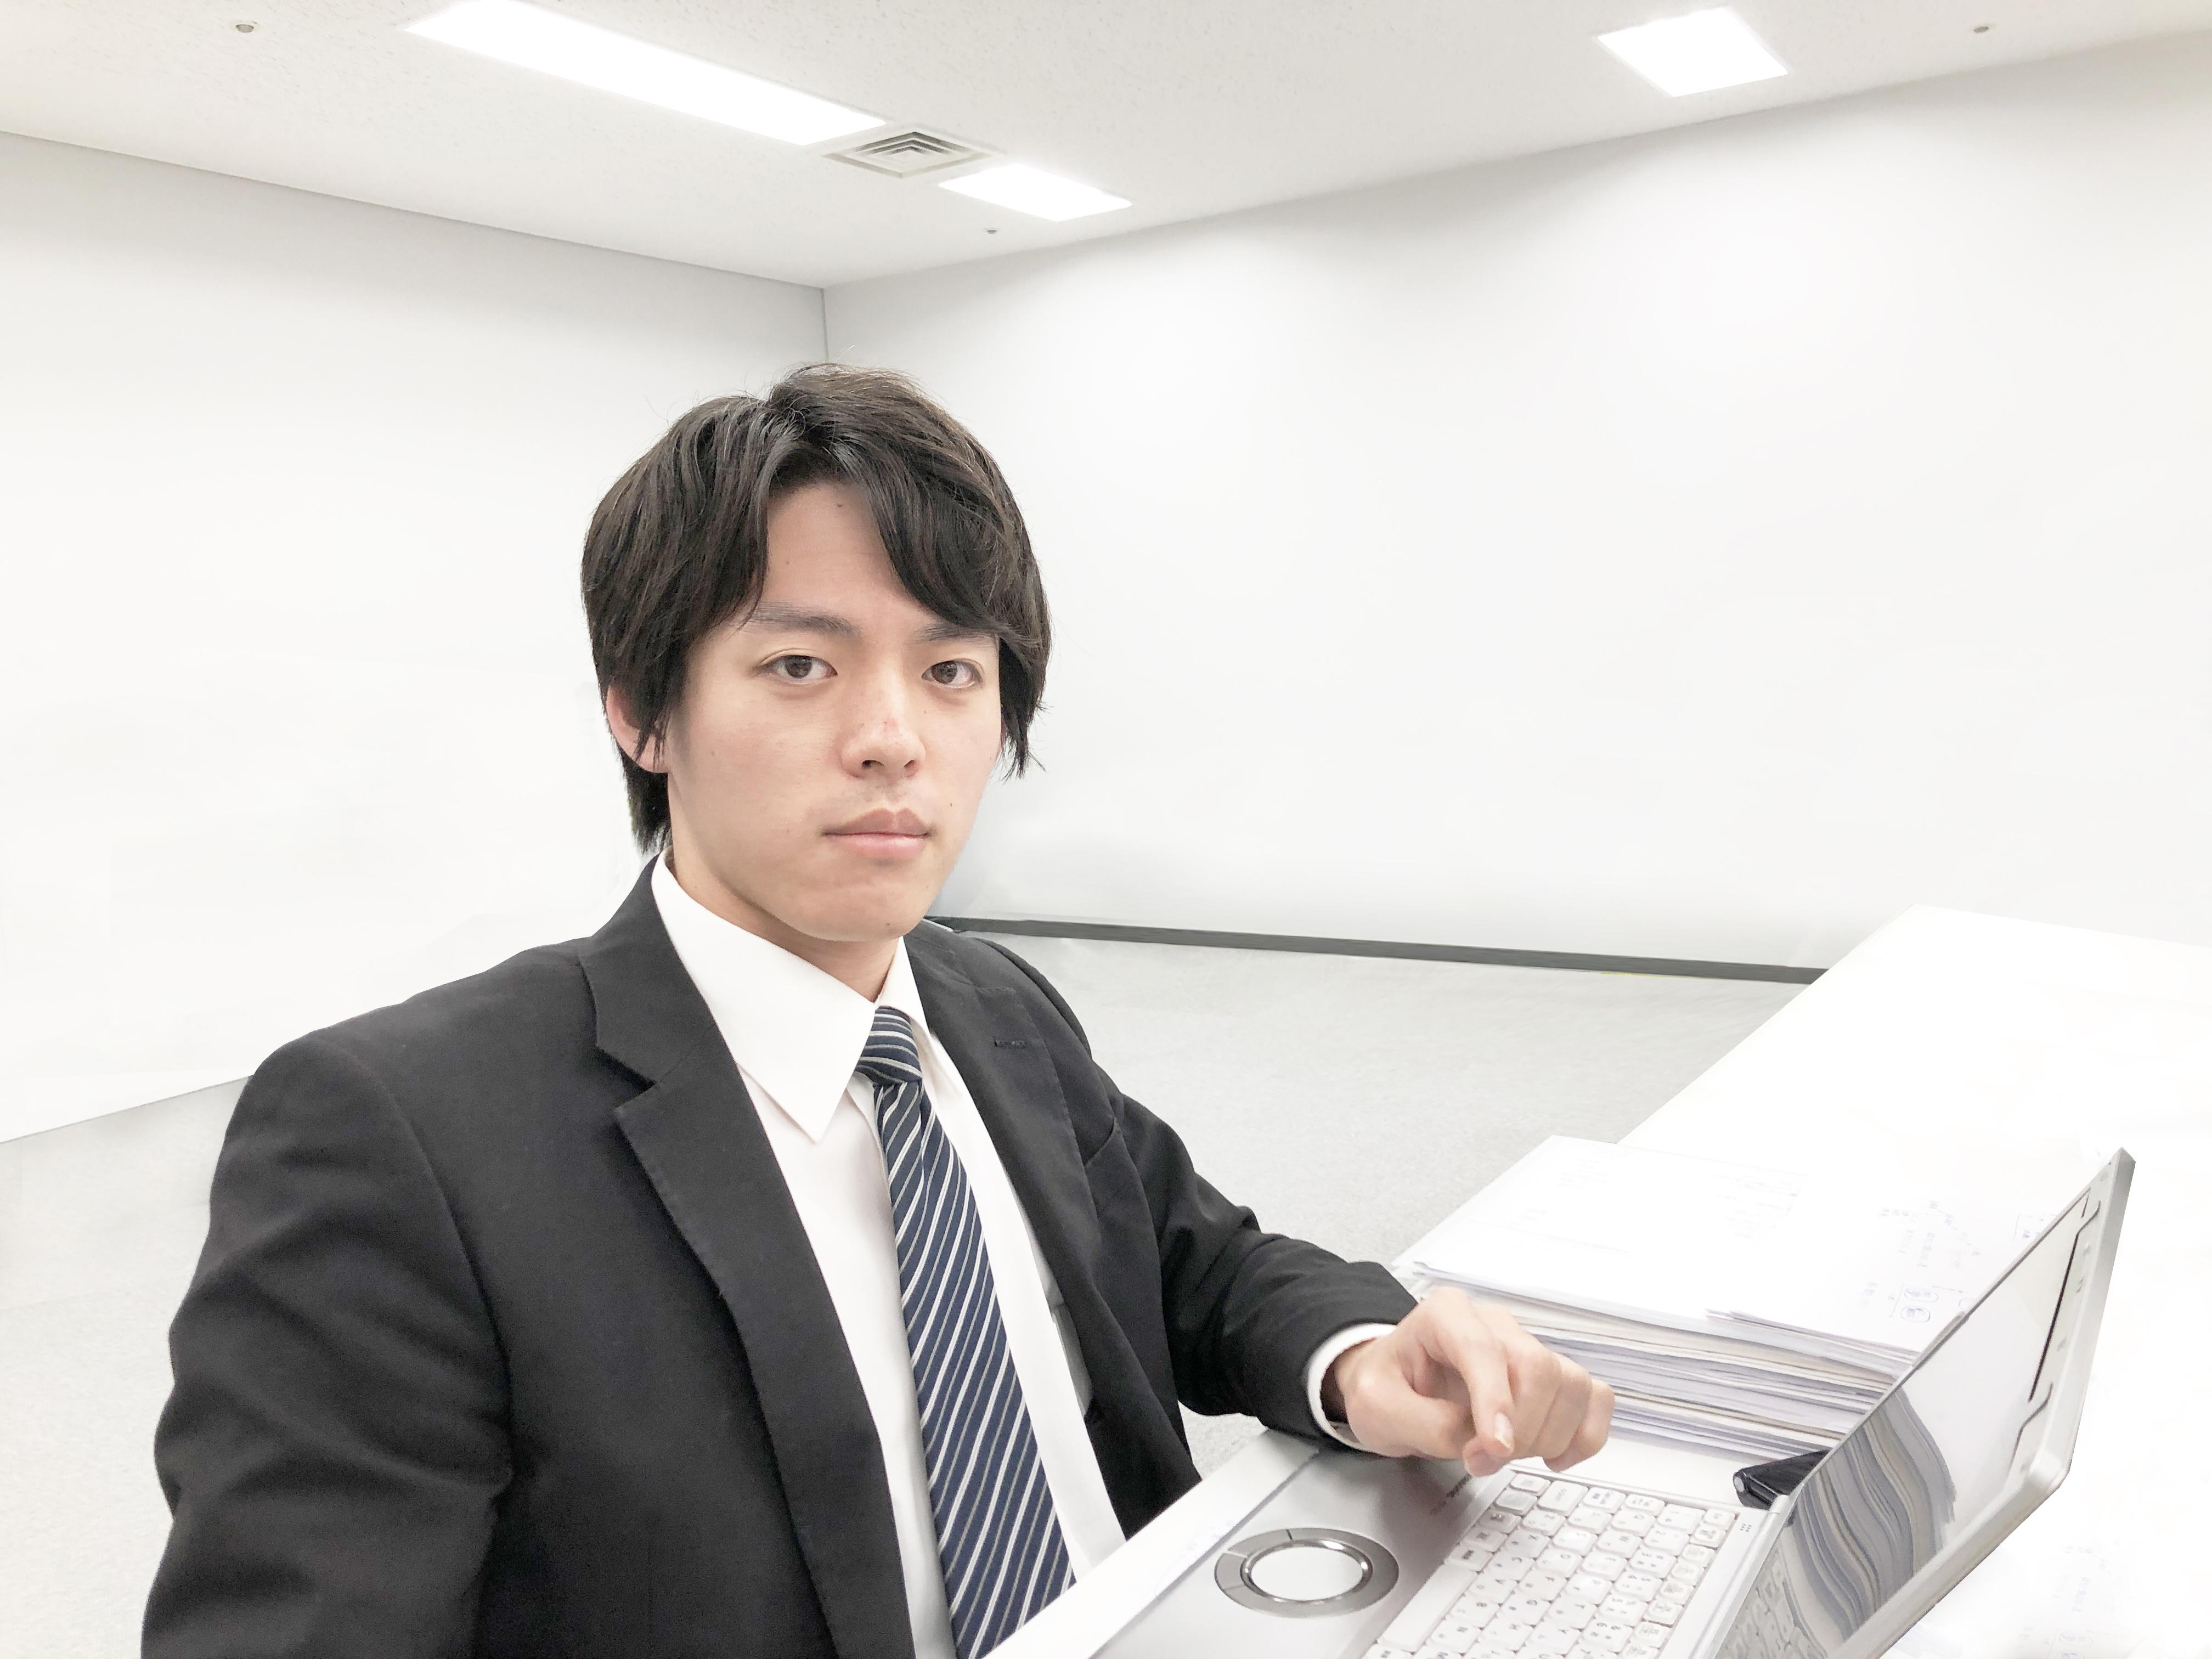 「tenpoketトーク」活用セミナー